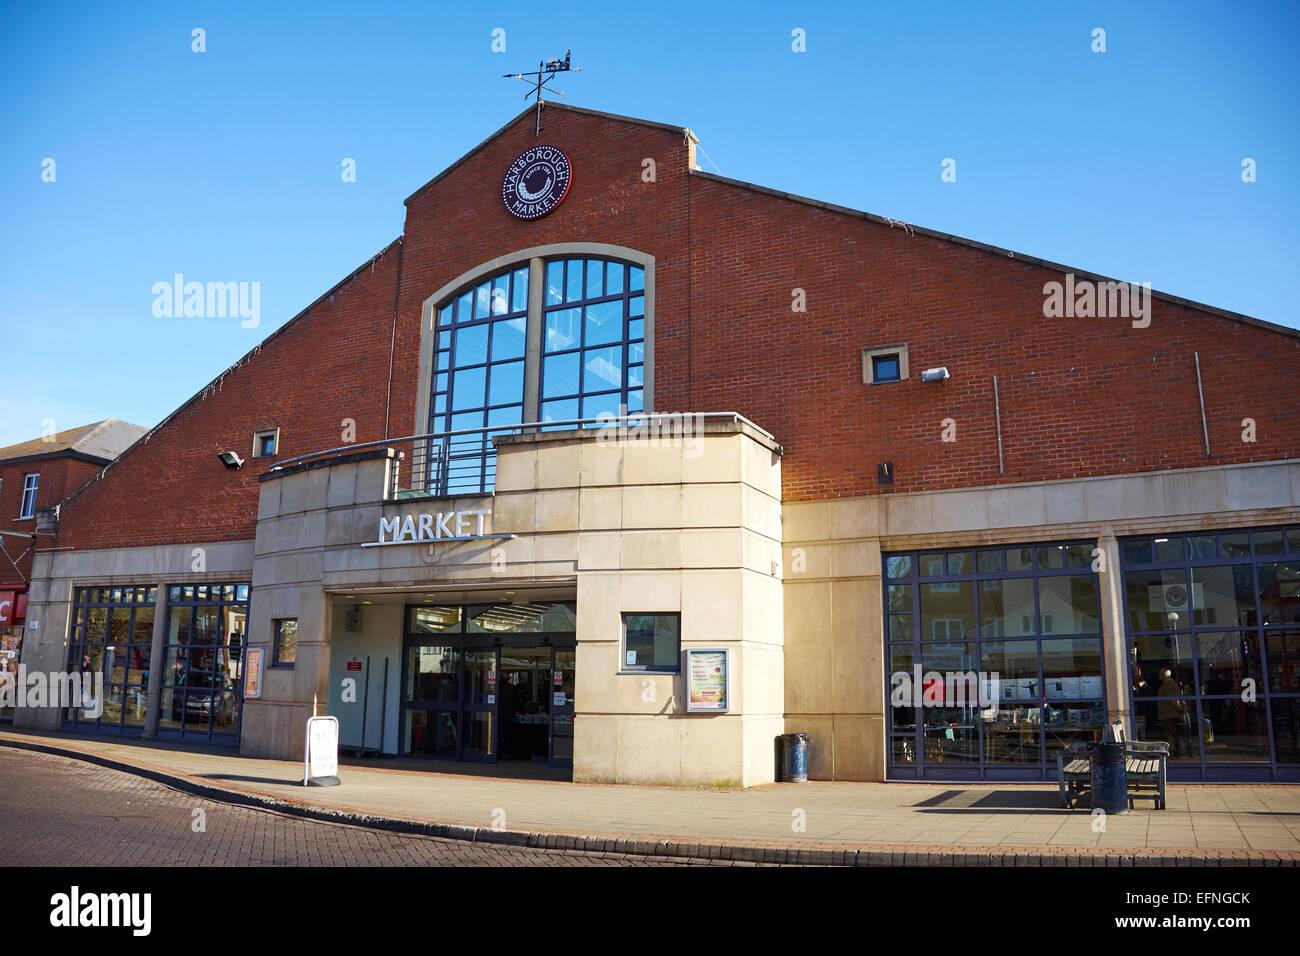 Market Hall Market Harborough Leicestershire UK - Stock Image